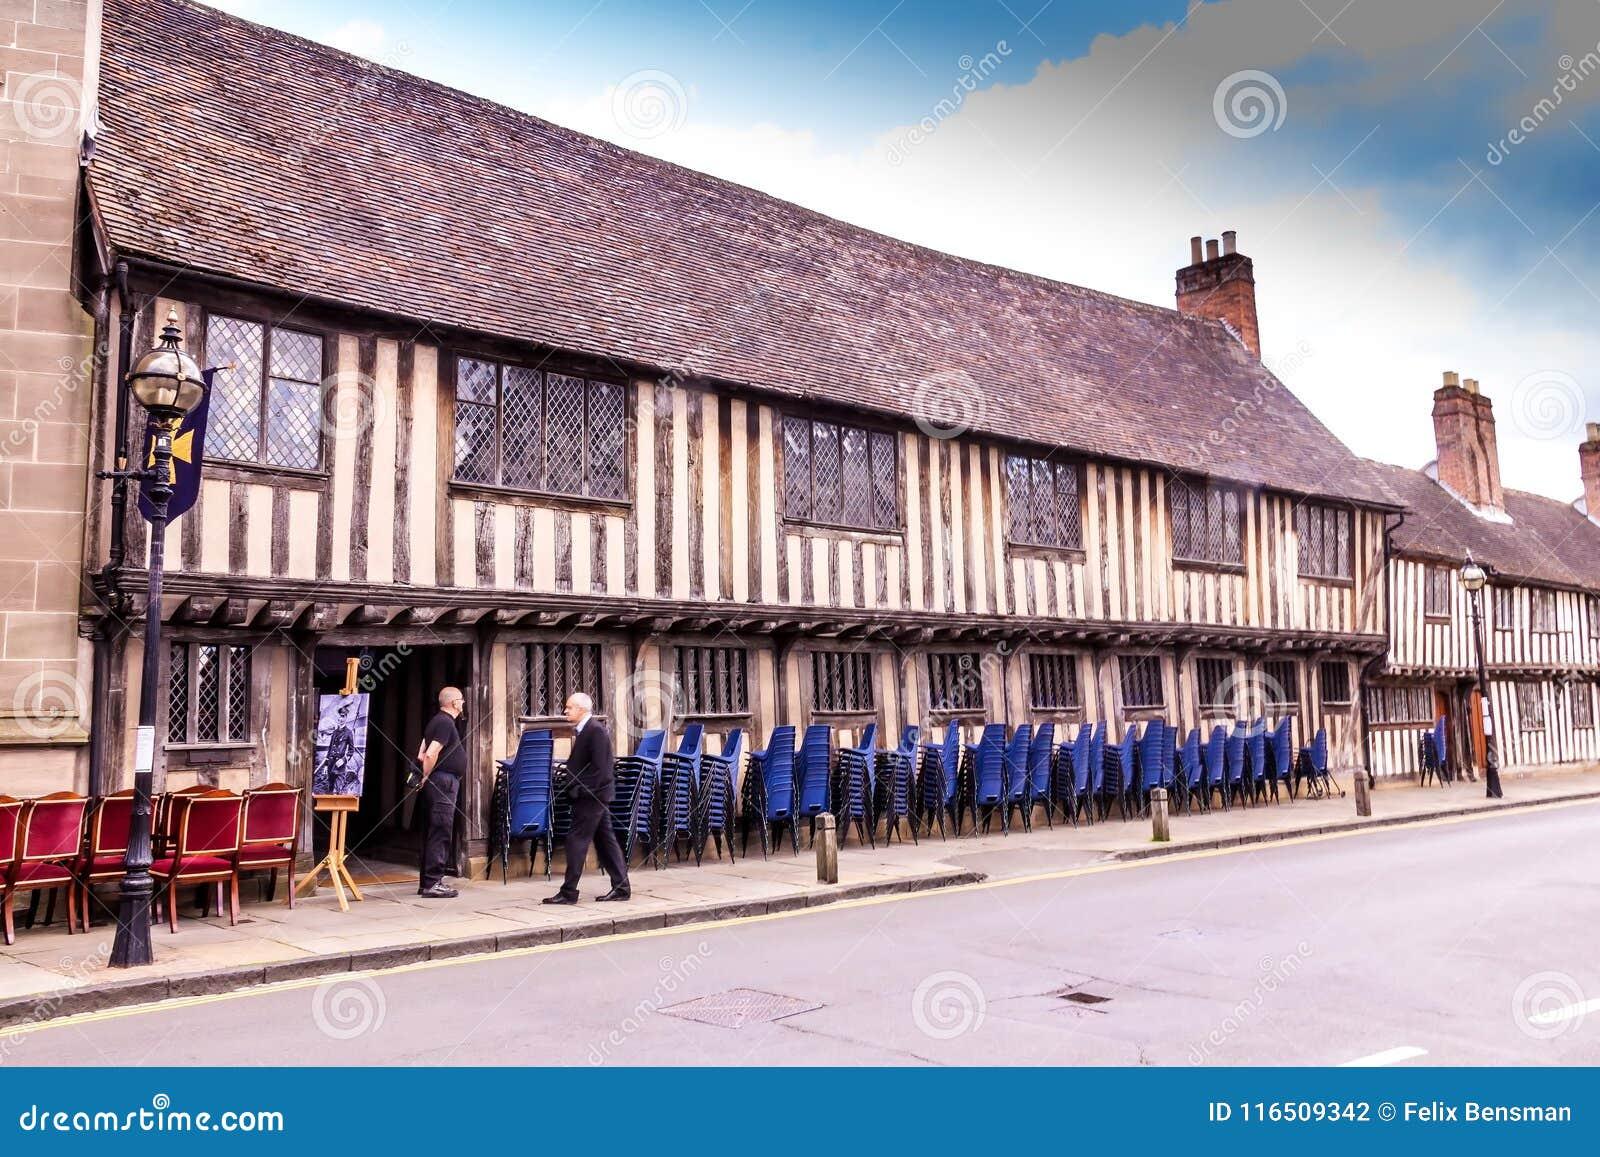 Stratford upon Avon datant Comment vous savez que vous sortez avec un homme adulte